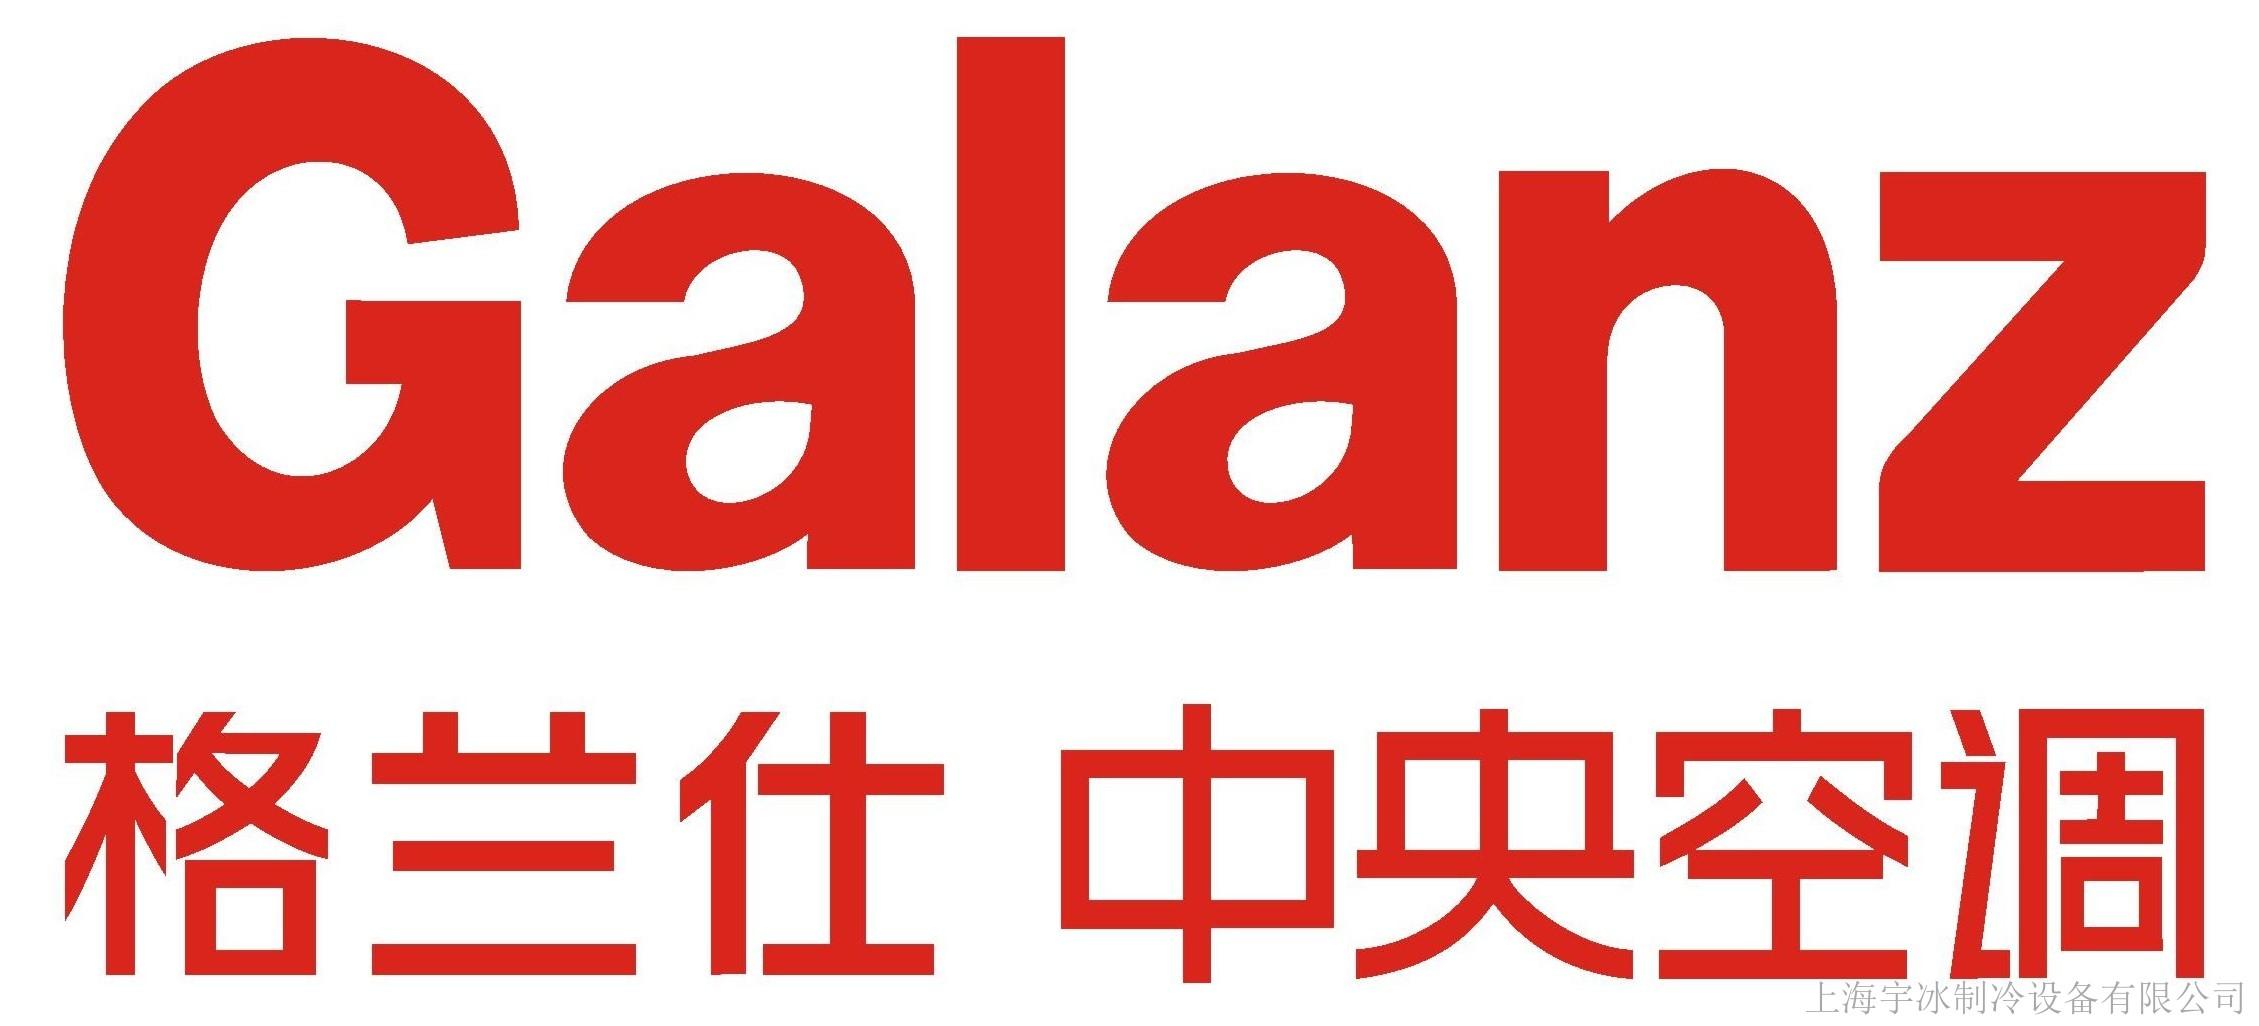 logo 标识 标志 设计 矢量 矢量图 素材 图标 2259_1026